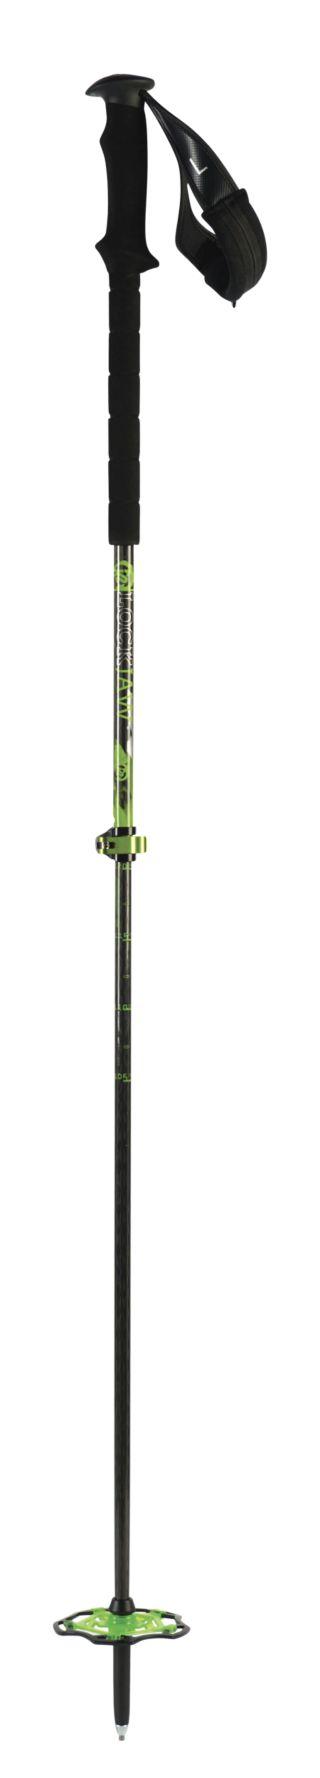 K2 Skis - LockJaw Carbon Plus Helmet